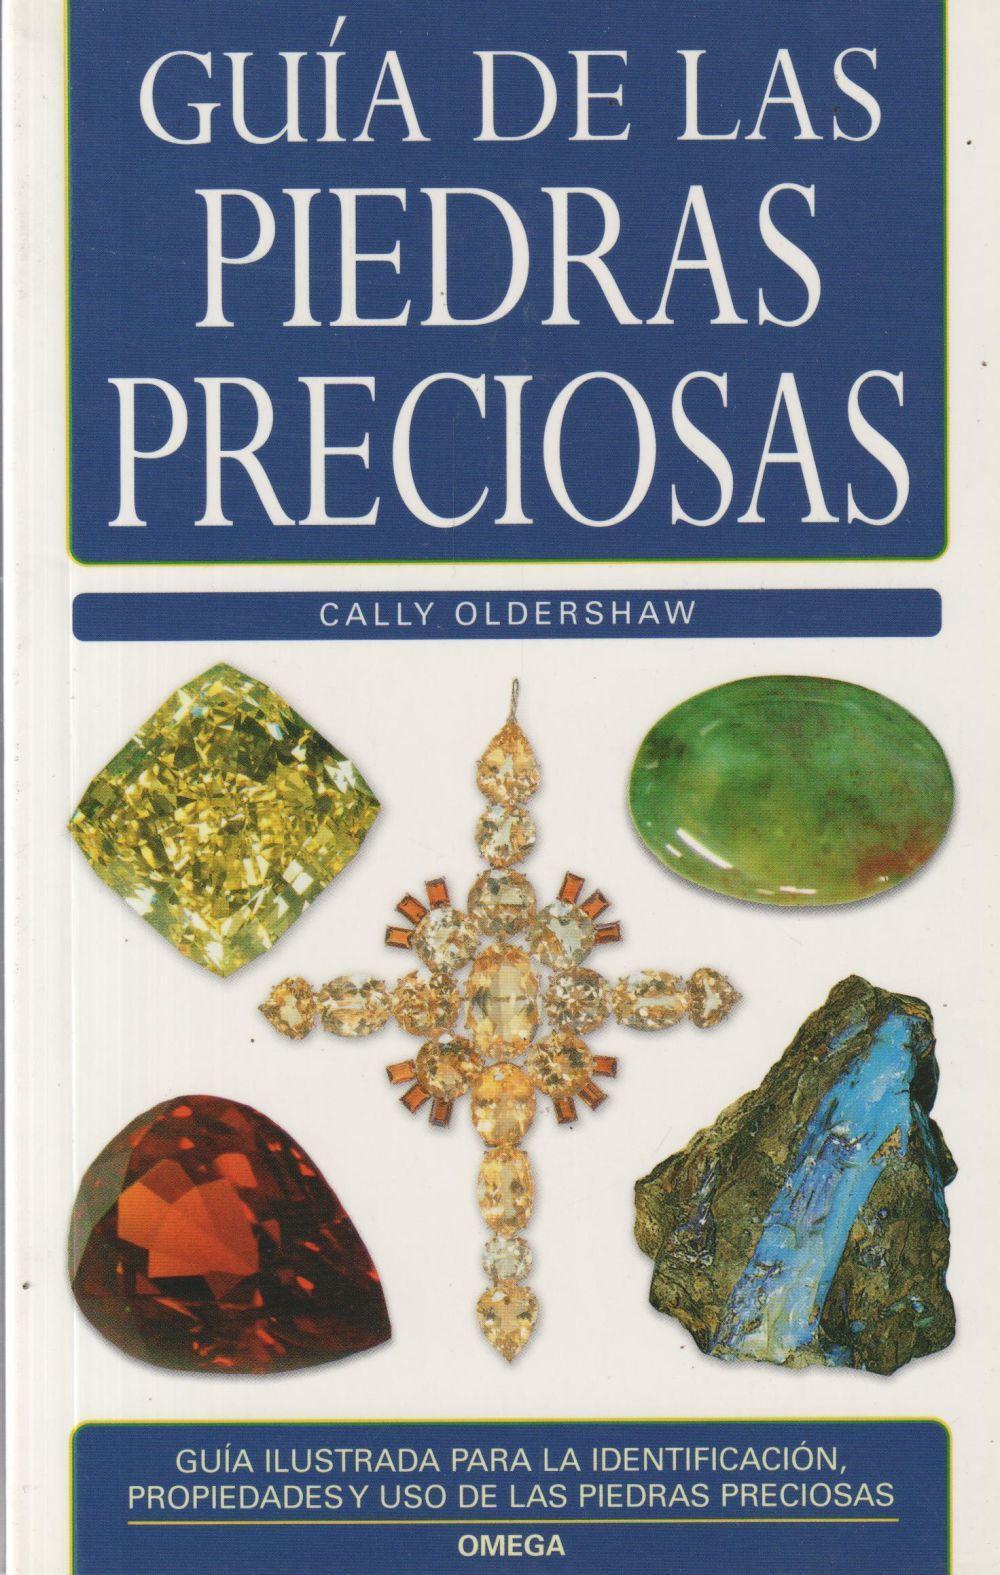 Guía de las piedras preciosas  Cally Oldershaw  Taschenbuch  Spanisch  2007 - Oldershaw, Cally